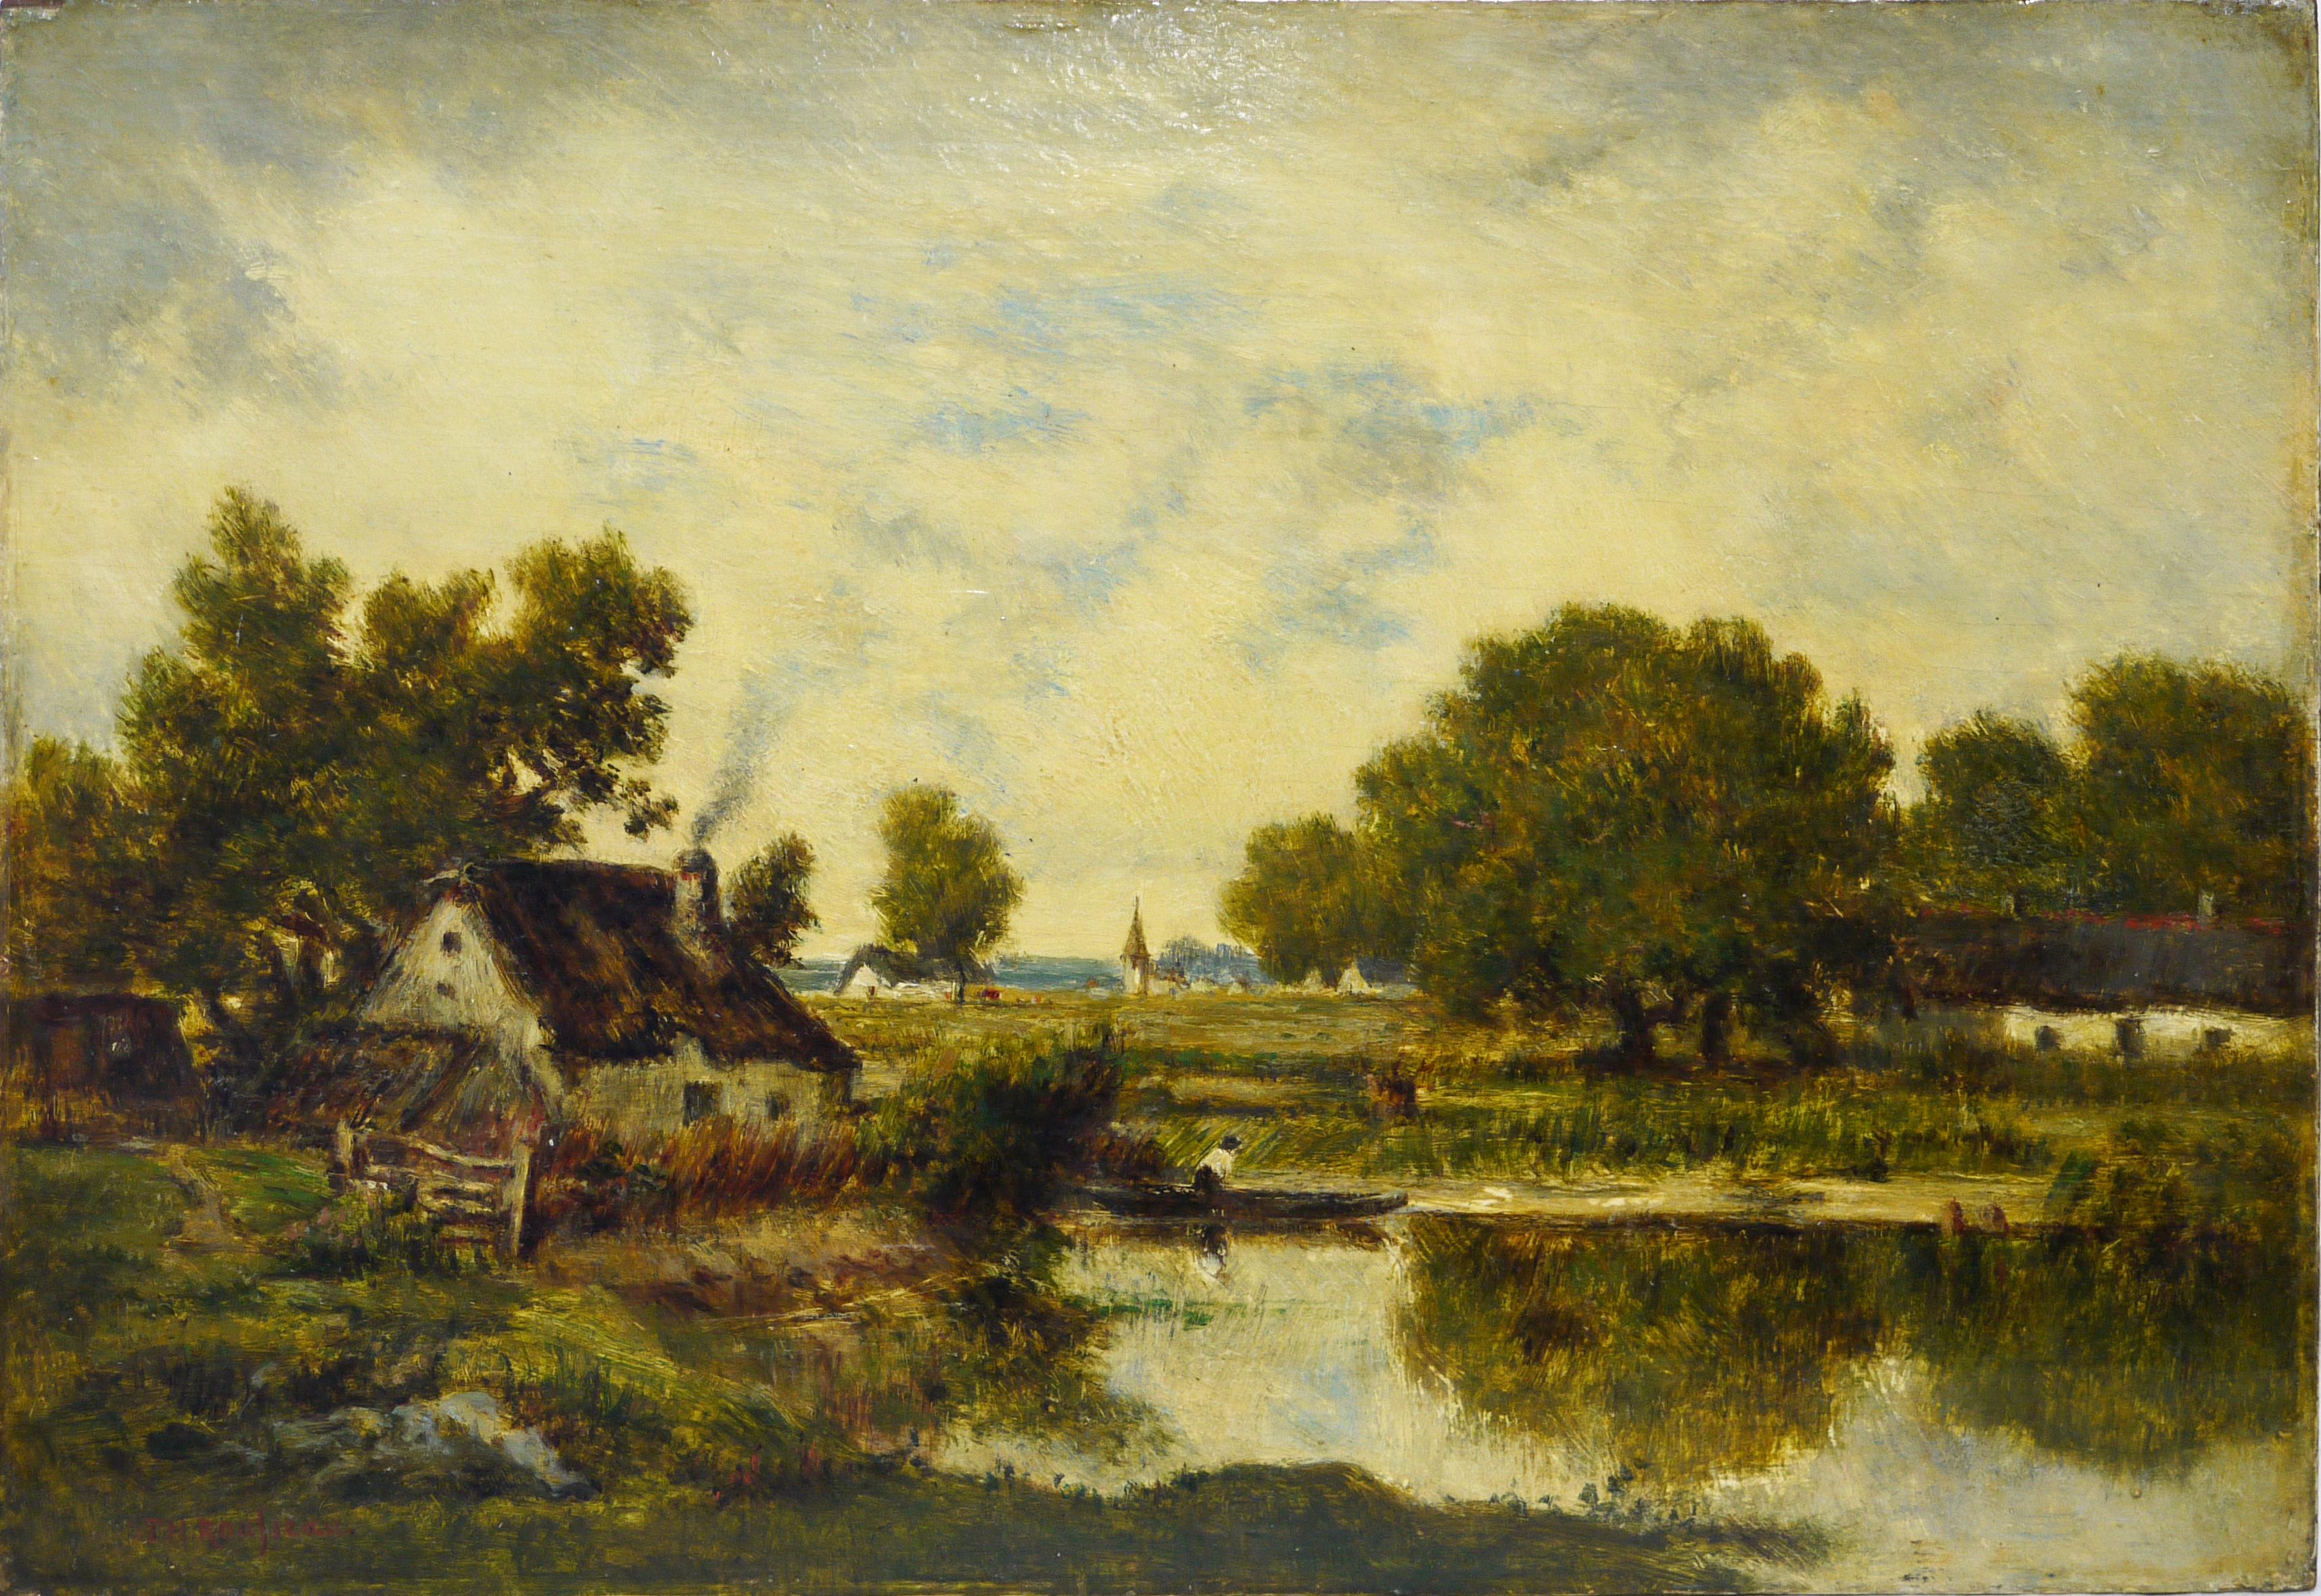 Théodore Rousseau, Chaumière près de l'étang, 19ème s. © Musée de Valence, photographie Béatrice Roussel